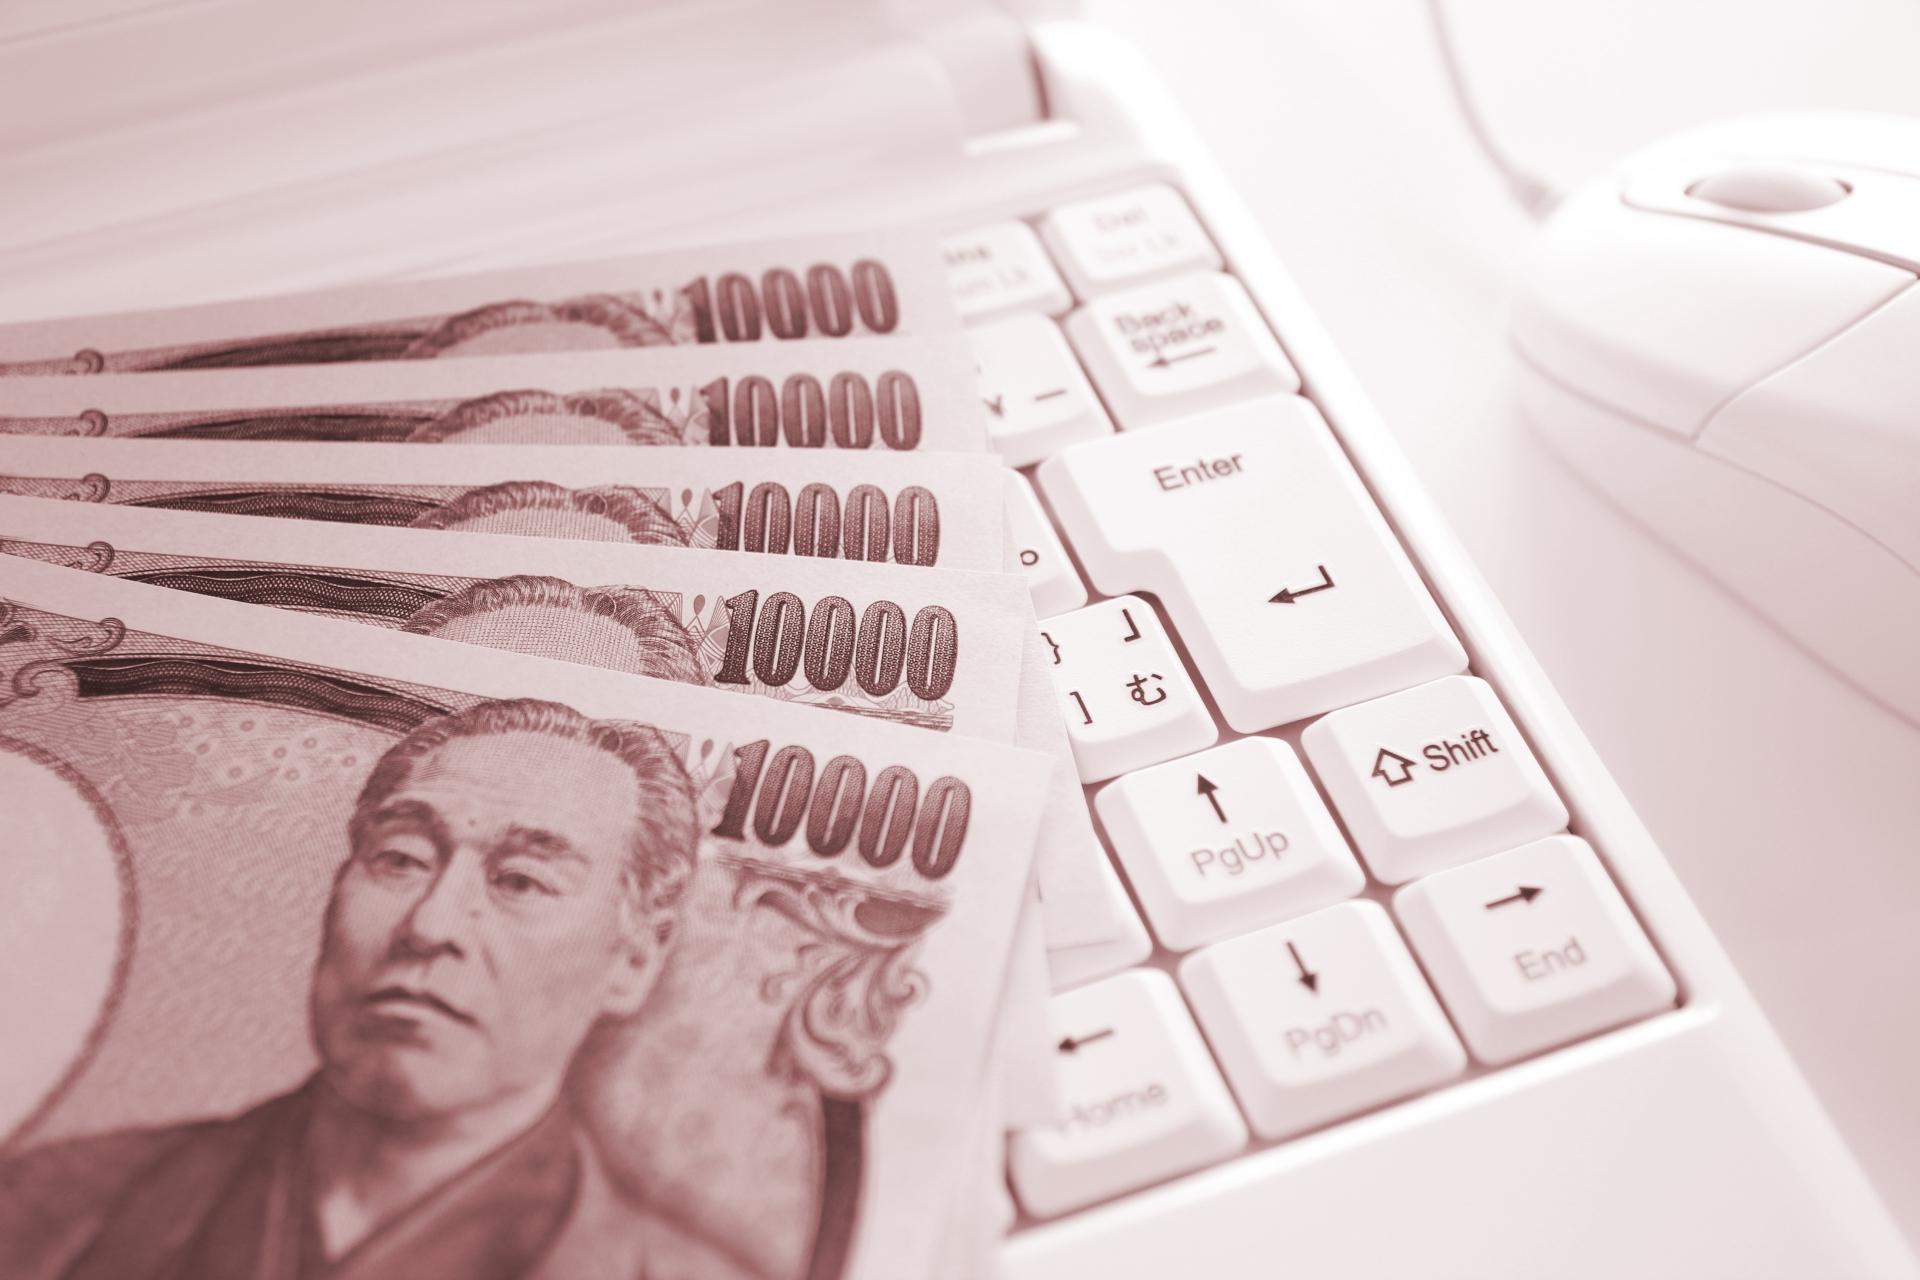 フリマアプリ「Fril」を運営するFablicがコロプラなどから約10億円を調達